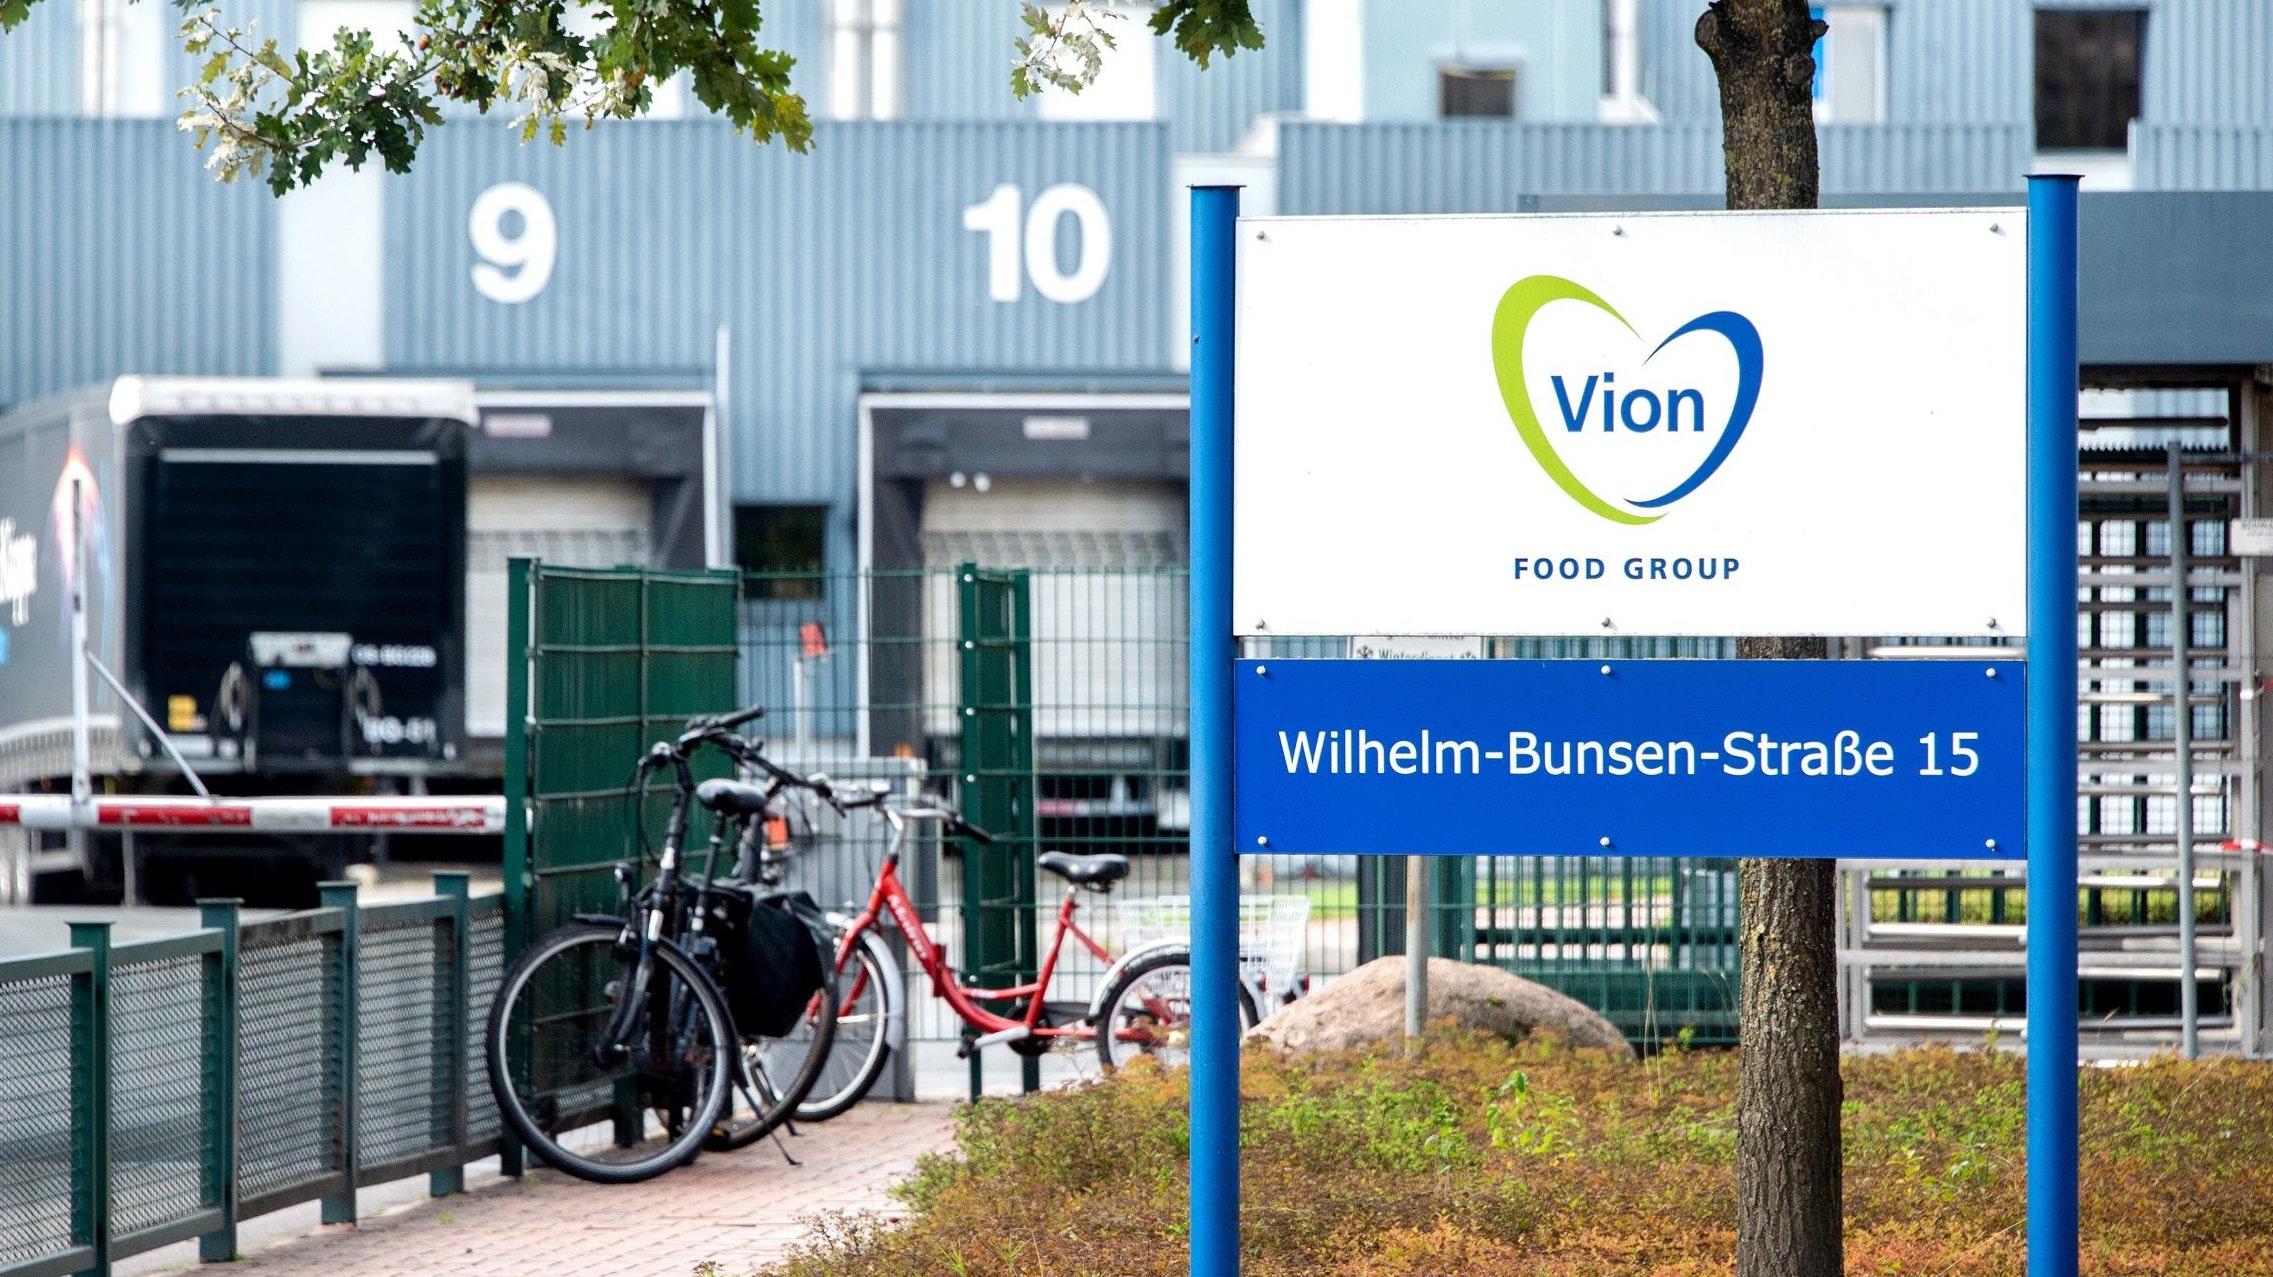 Konflikt um Geld: Der Vion-Schlachthof in Emstek mit etwa 1300 Beschäftigten. Foto: dpa/Dittrich